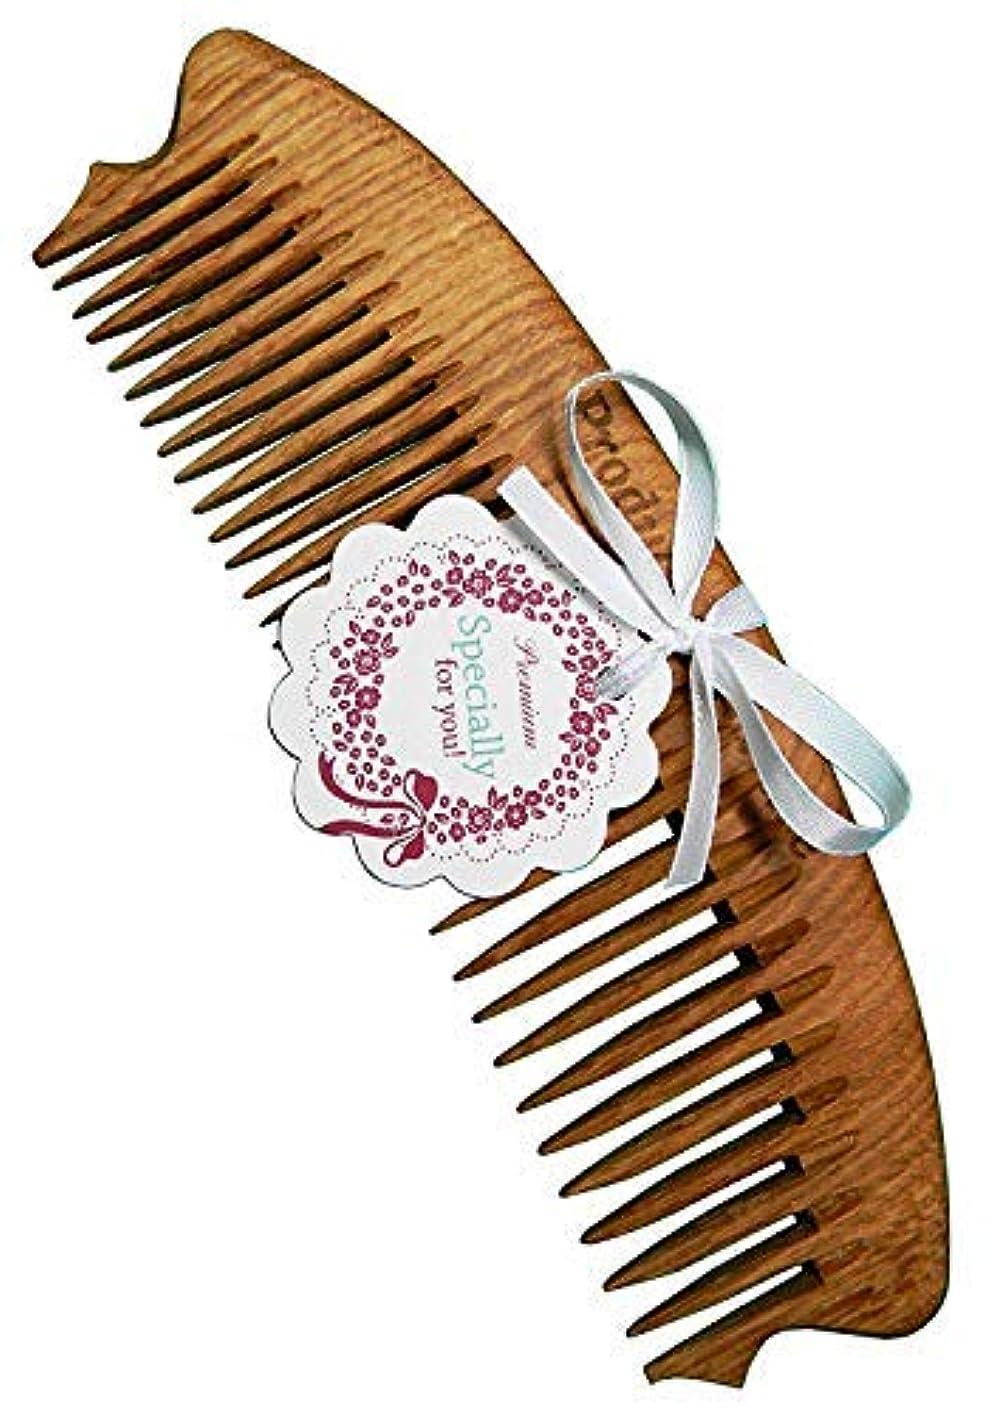 適応カートン部屋を掃除するWooden comb It is a special comb made from natural oak wood 100% HANDCRAFTED Premium [並行輸入品]